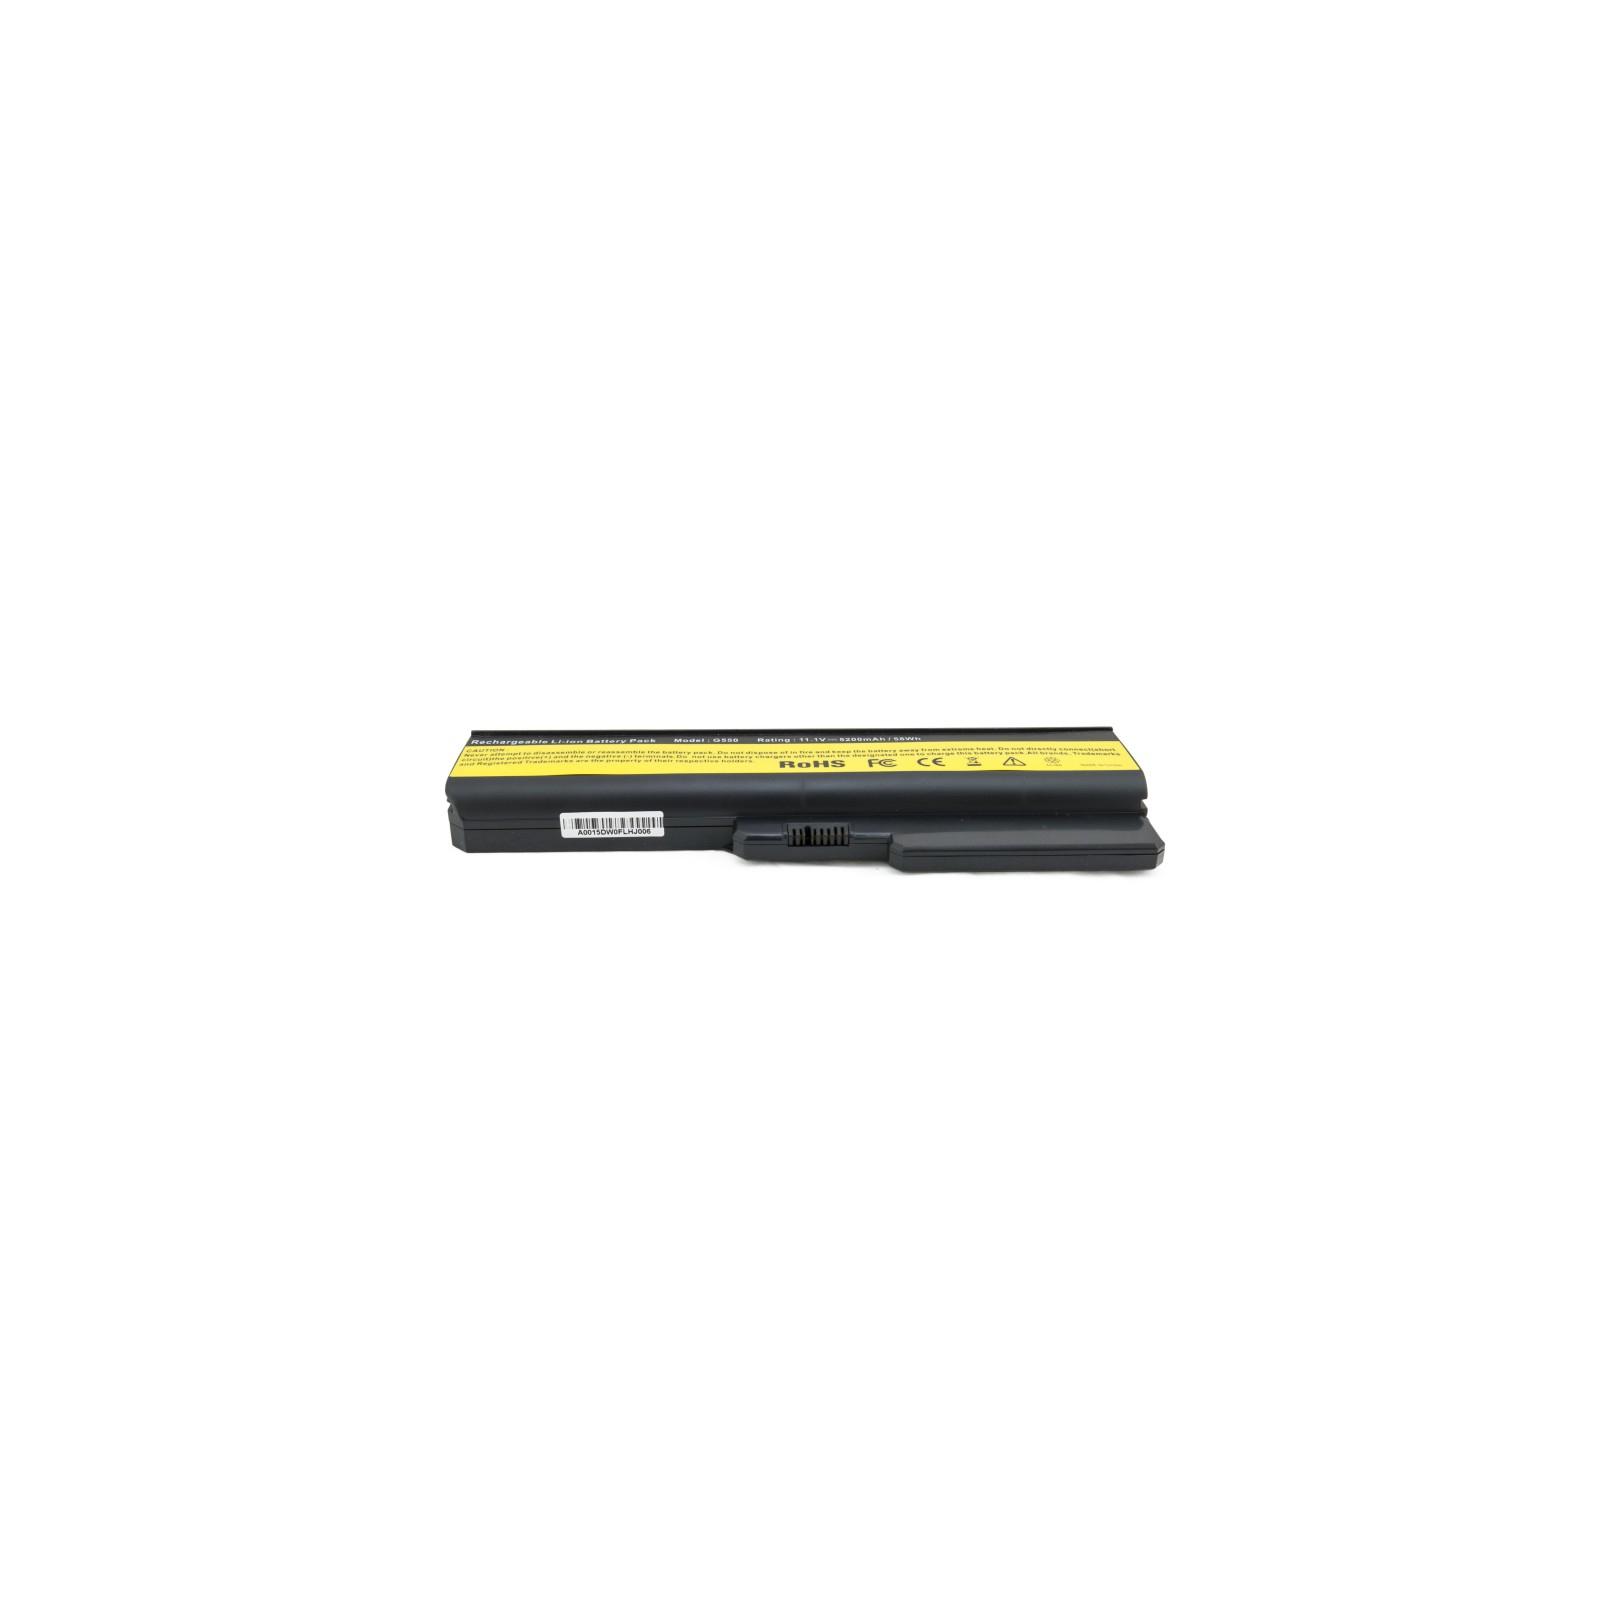 Аккумулятор для ноутбука Lenovo IdeaPad G550, 5200 mAh EXTRADIGITAL (BNL3953) изображение 4